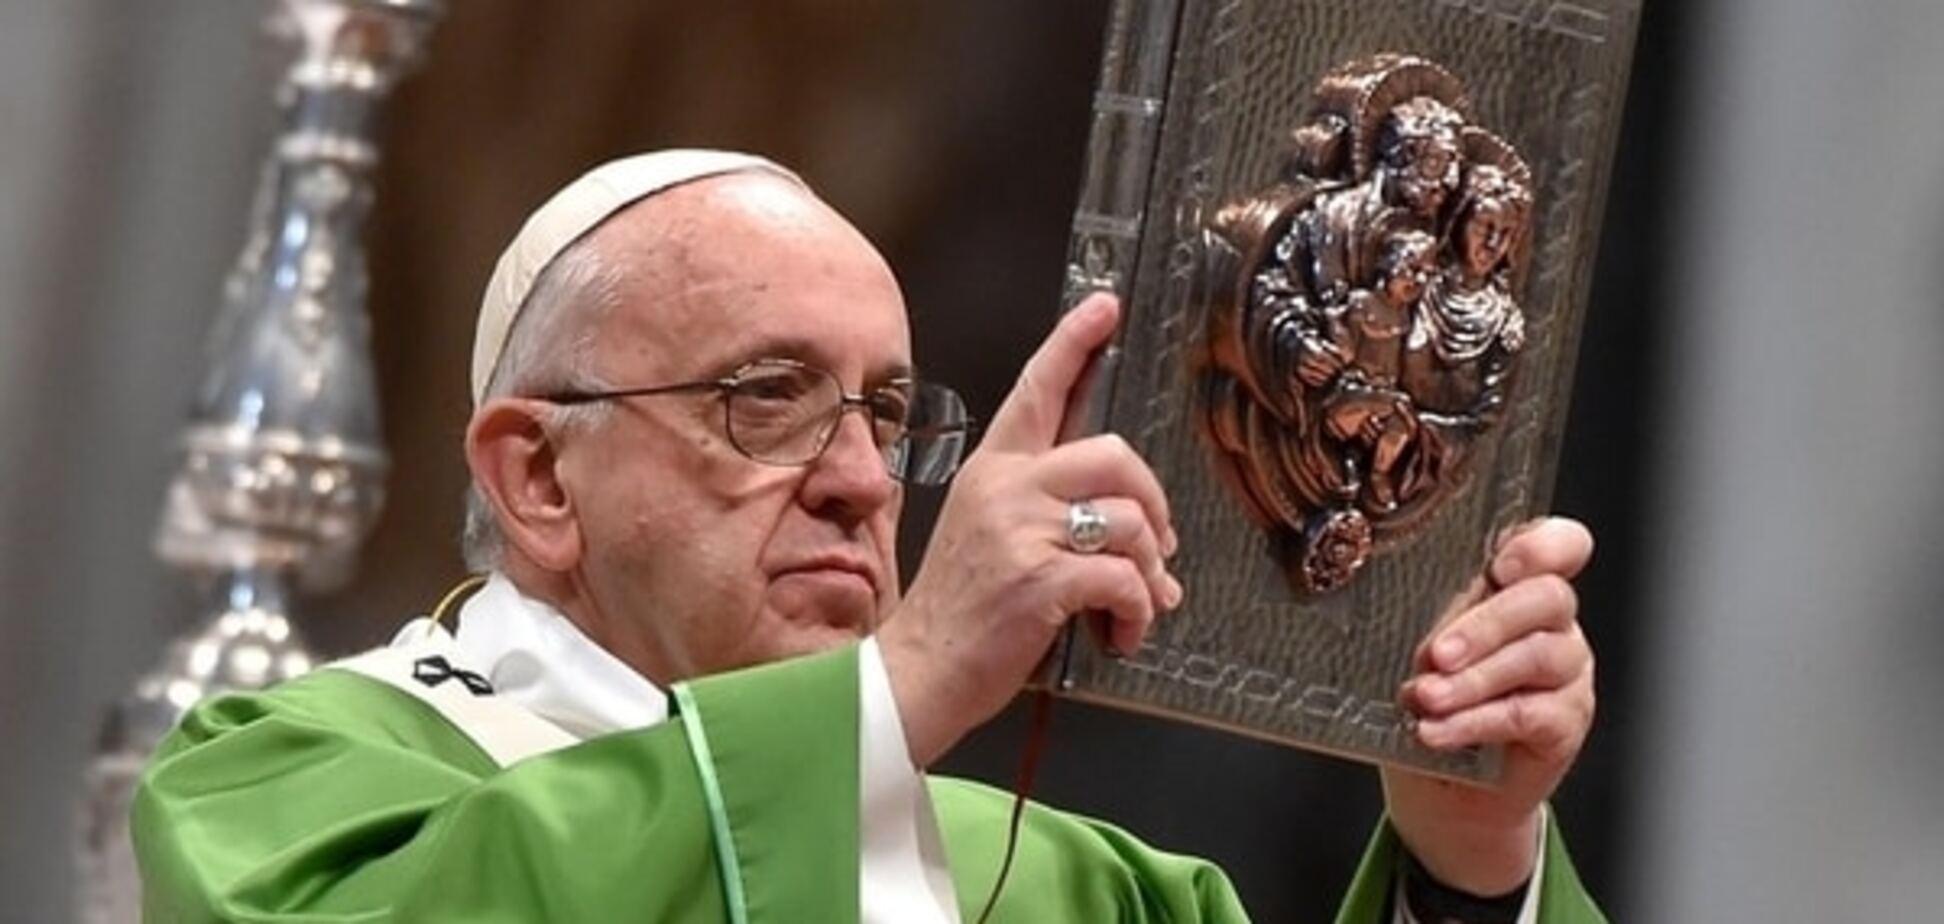 Свято Великодня можуть закріпити за однією датою для зручності християн - ЗМІ